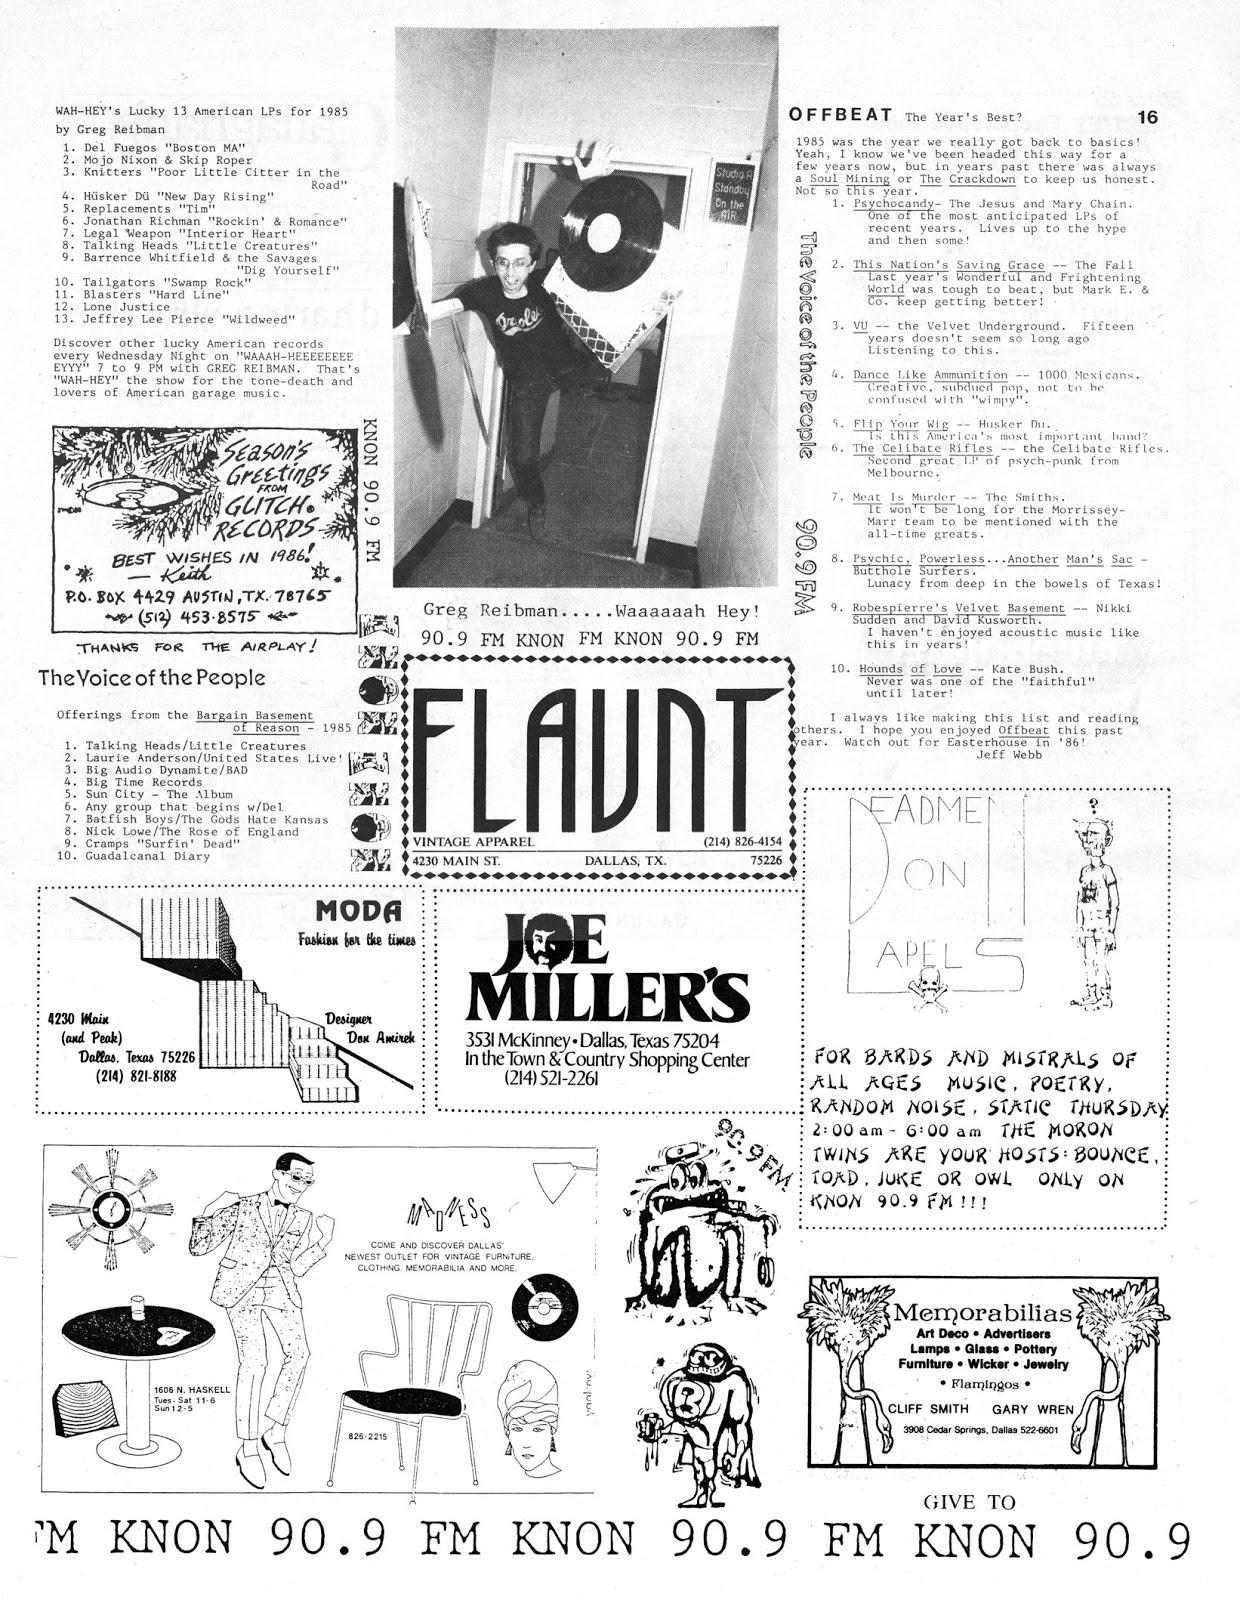 scrapbook-1985-issue-2-p16